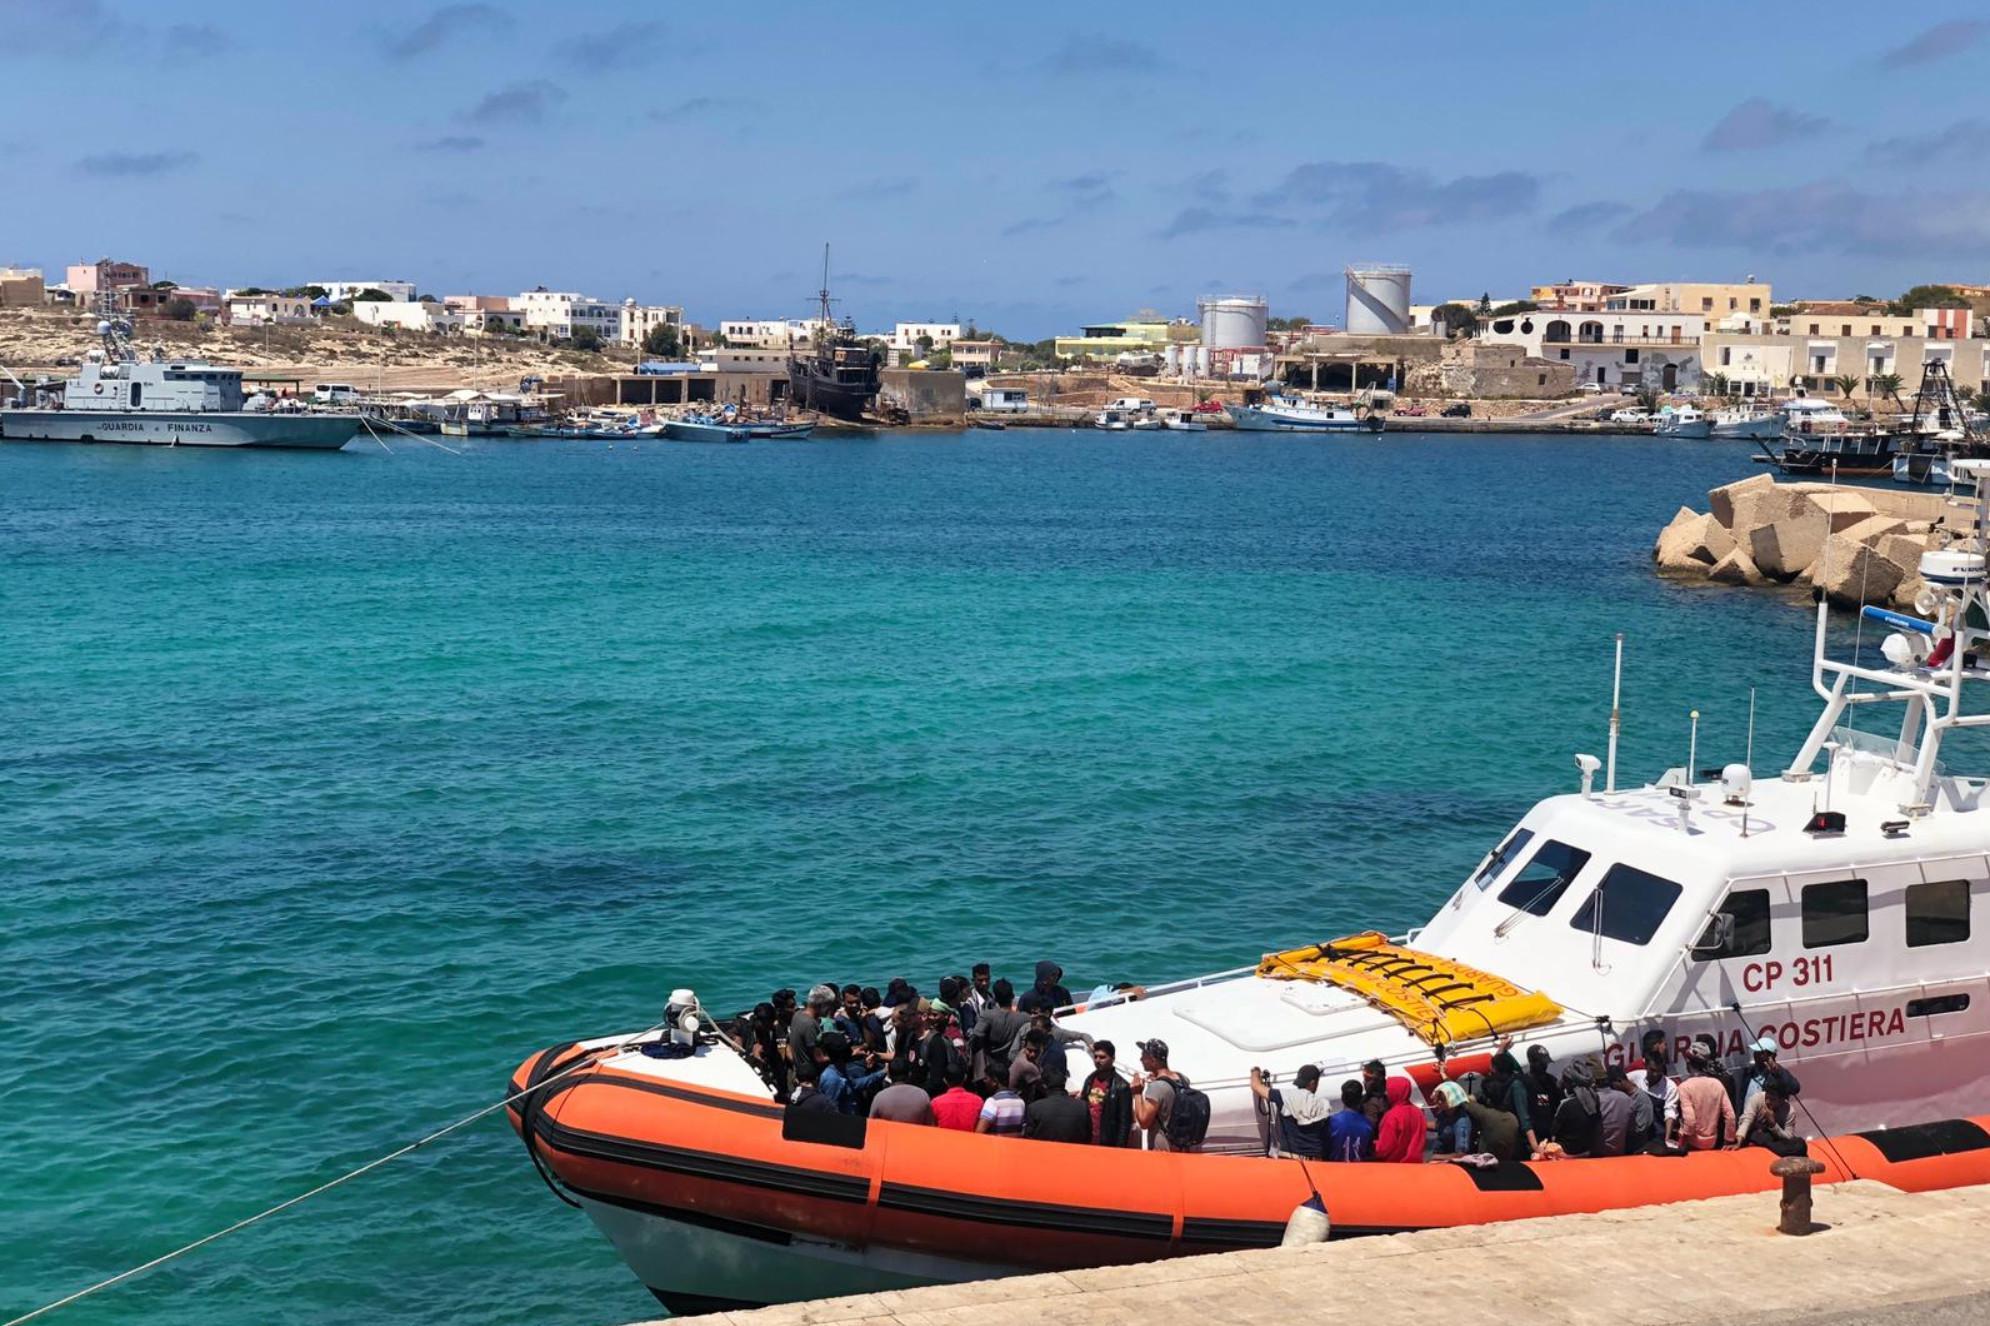 Migranti, sei sbarchi di 70 persone a Lampedusa